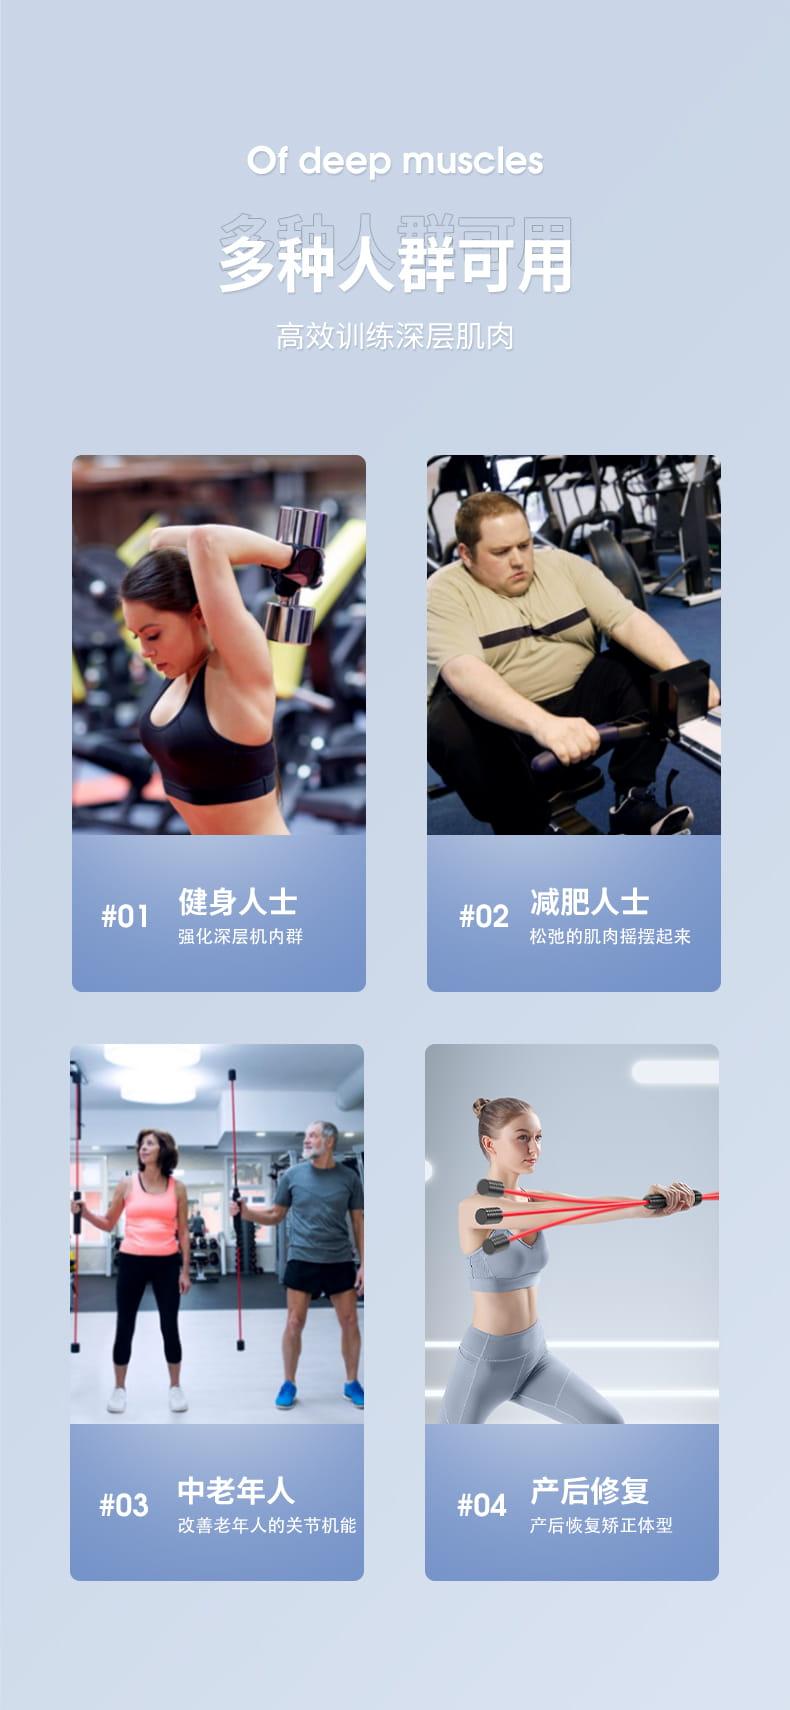 飛力仕棒 多功能健身訓練棒 飛力士健身器材 家用減肥 彈力震顫棒 抖音爆款 5